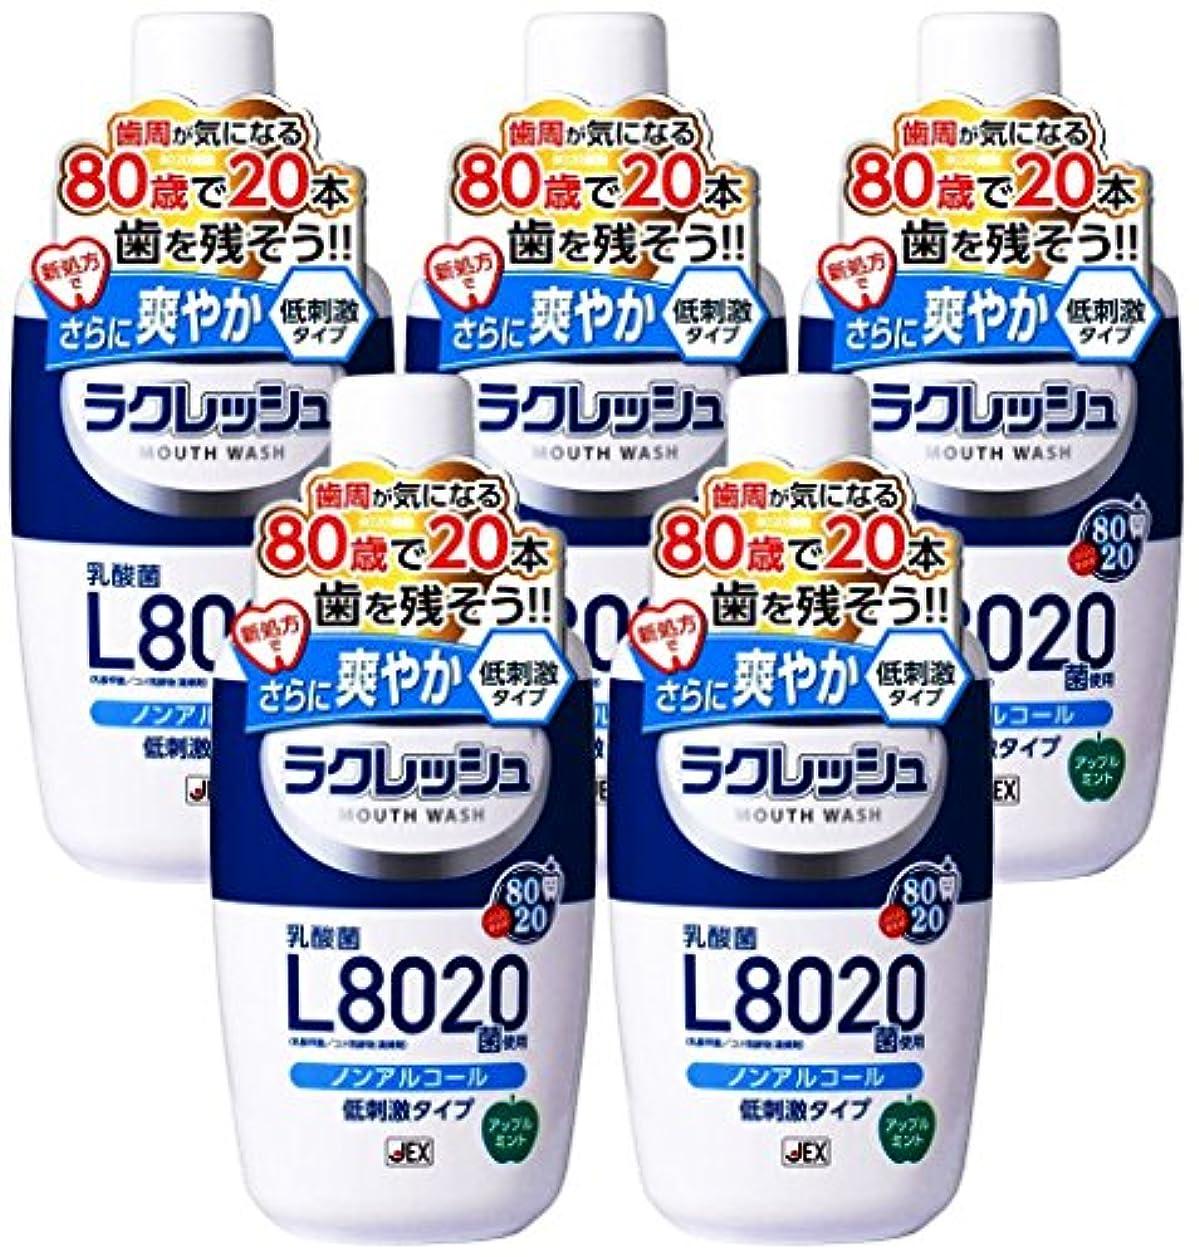 シリアル集中プレミアムラクレッシュ L8020菌 マウスウォッシュ 5本セット